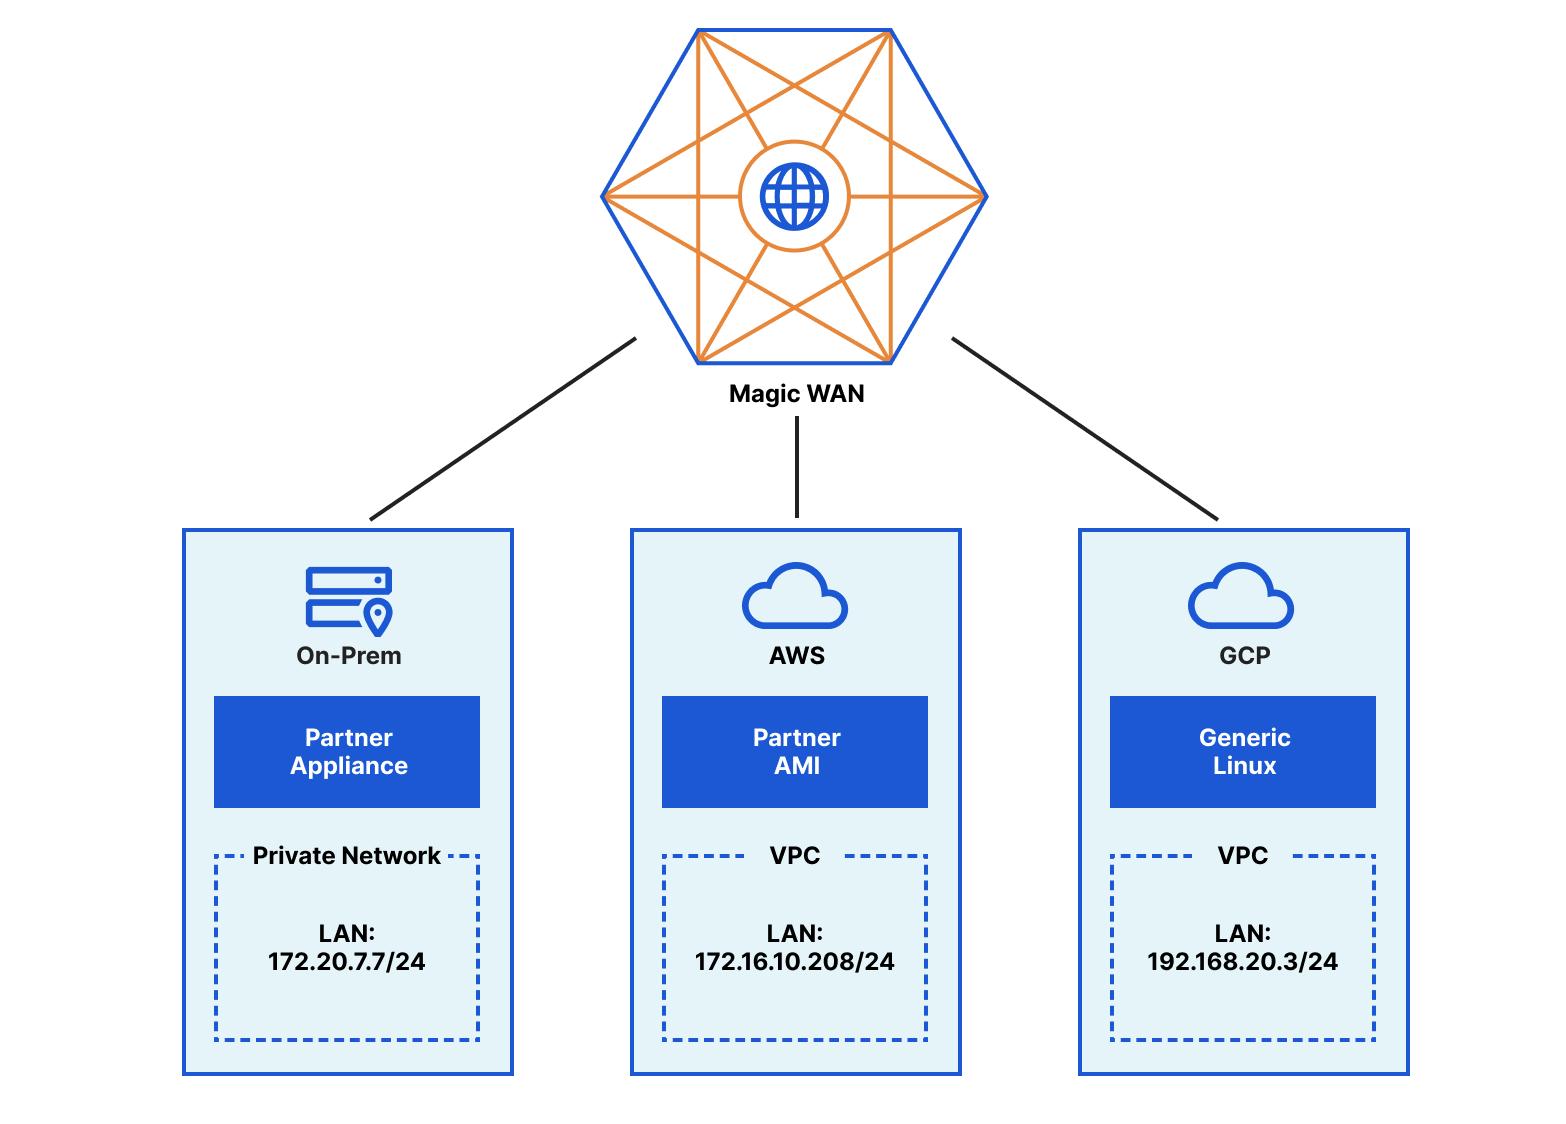 3 つのプライベートネットワークは、パートナーハードウェアアプライアンス、パートナーの仮想 AMI、汎用Linuxルーターを使用して、最寄りのCloudflareデータセンターを介してCloudflare Magic WANに接続されています。